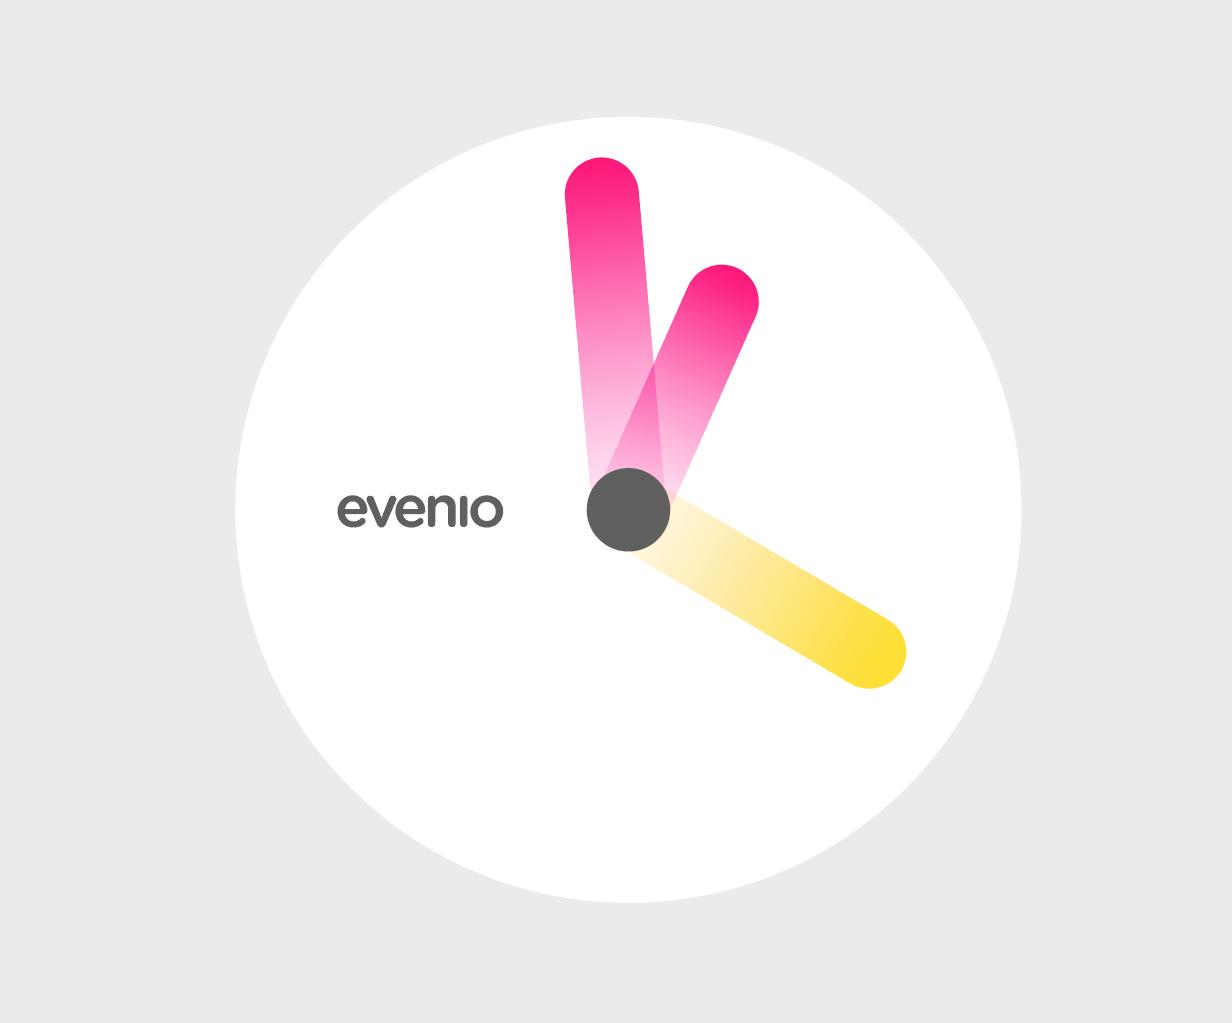 wizualizacja zegara opartego o ideę dla logo evenio przedstawiającego promienie rozchodzące się w różne strony